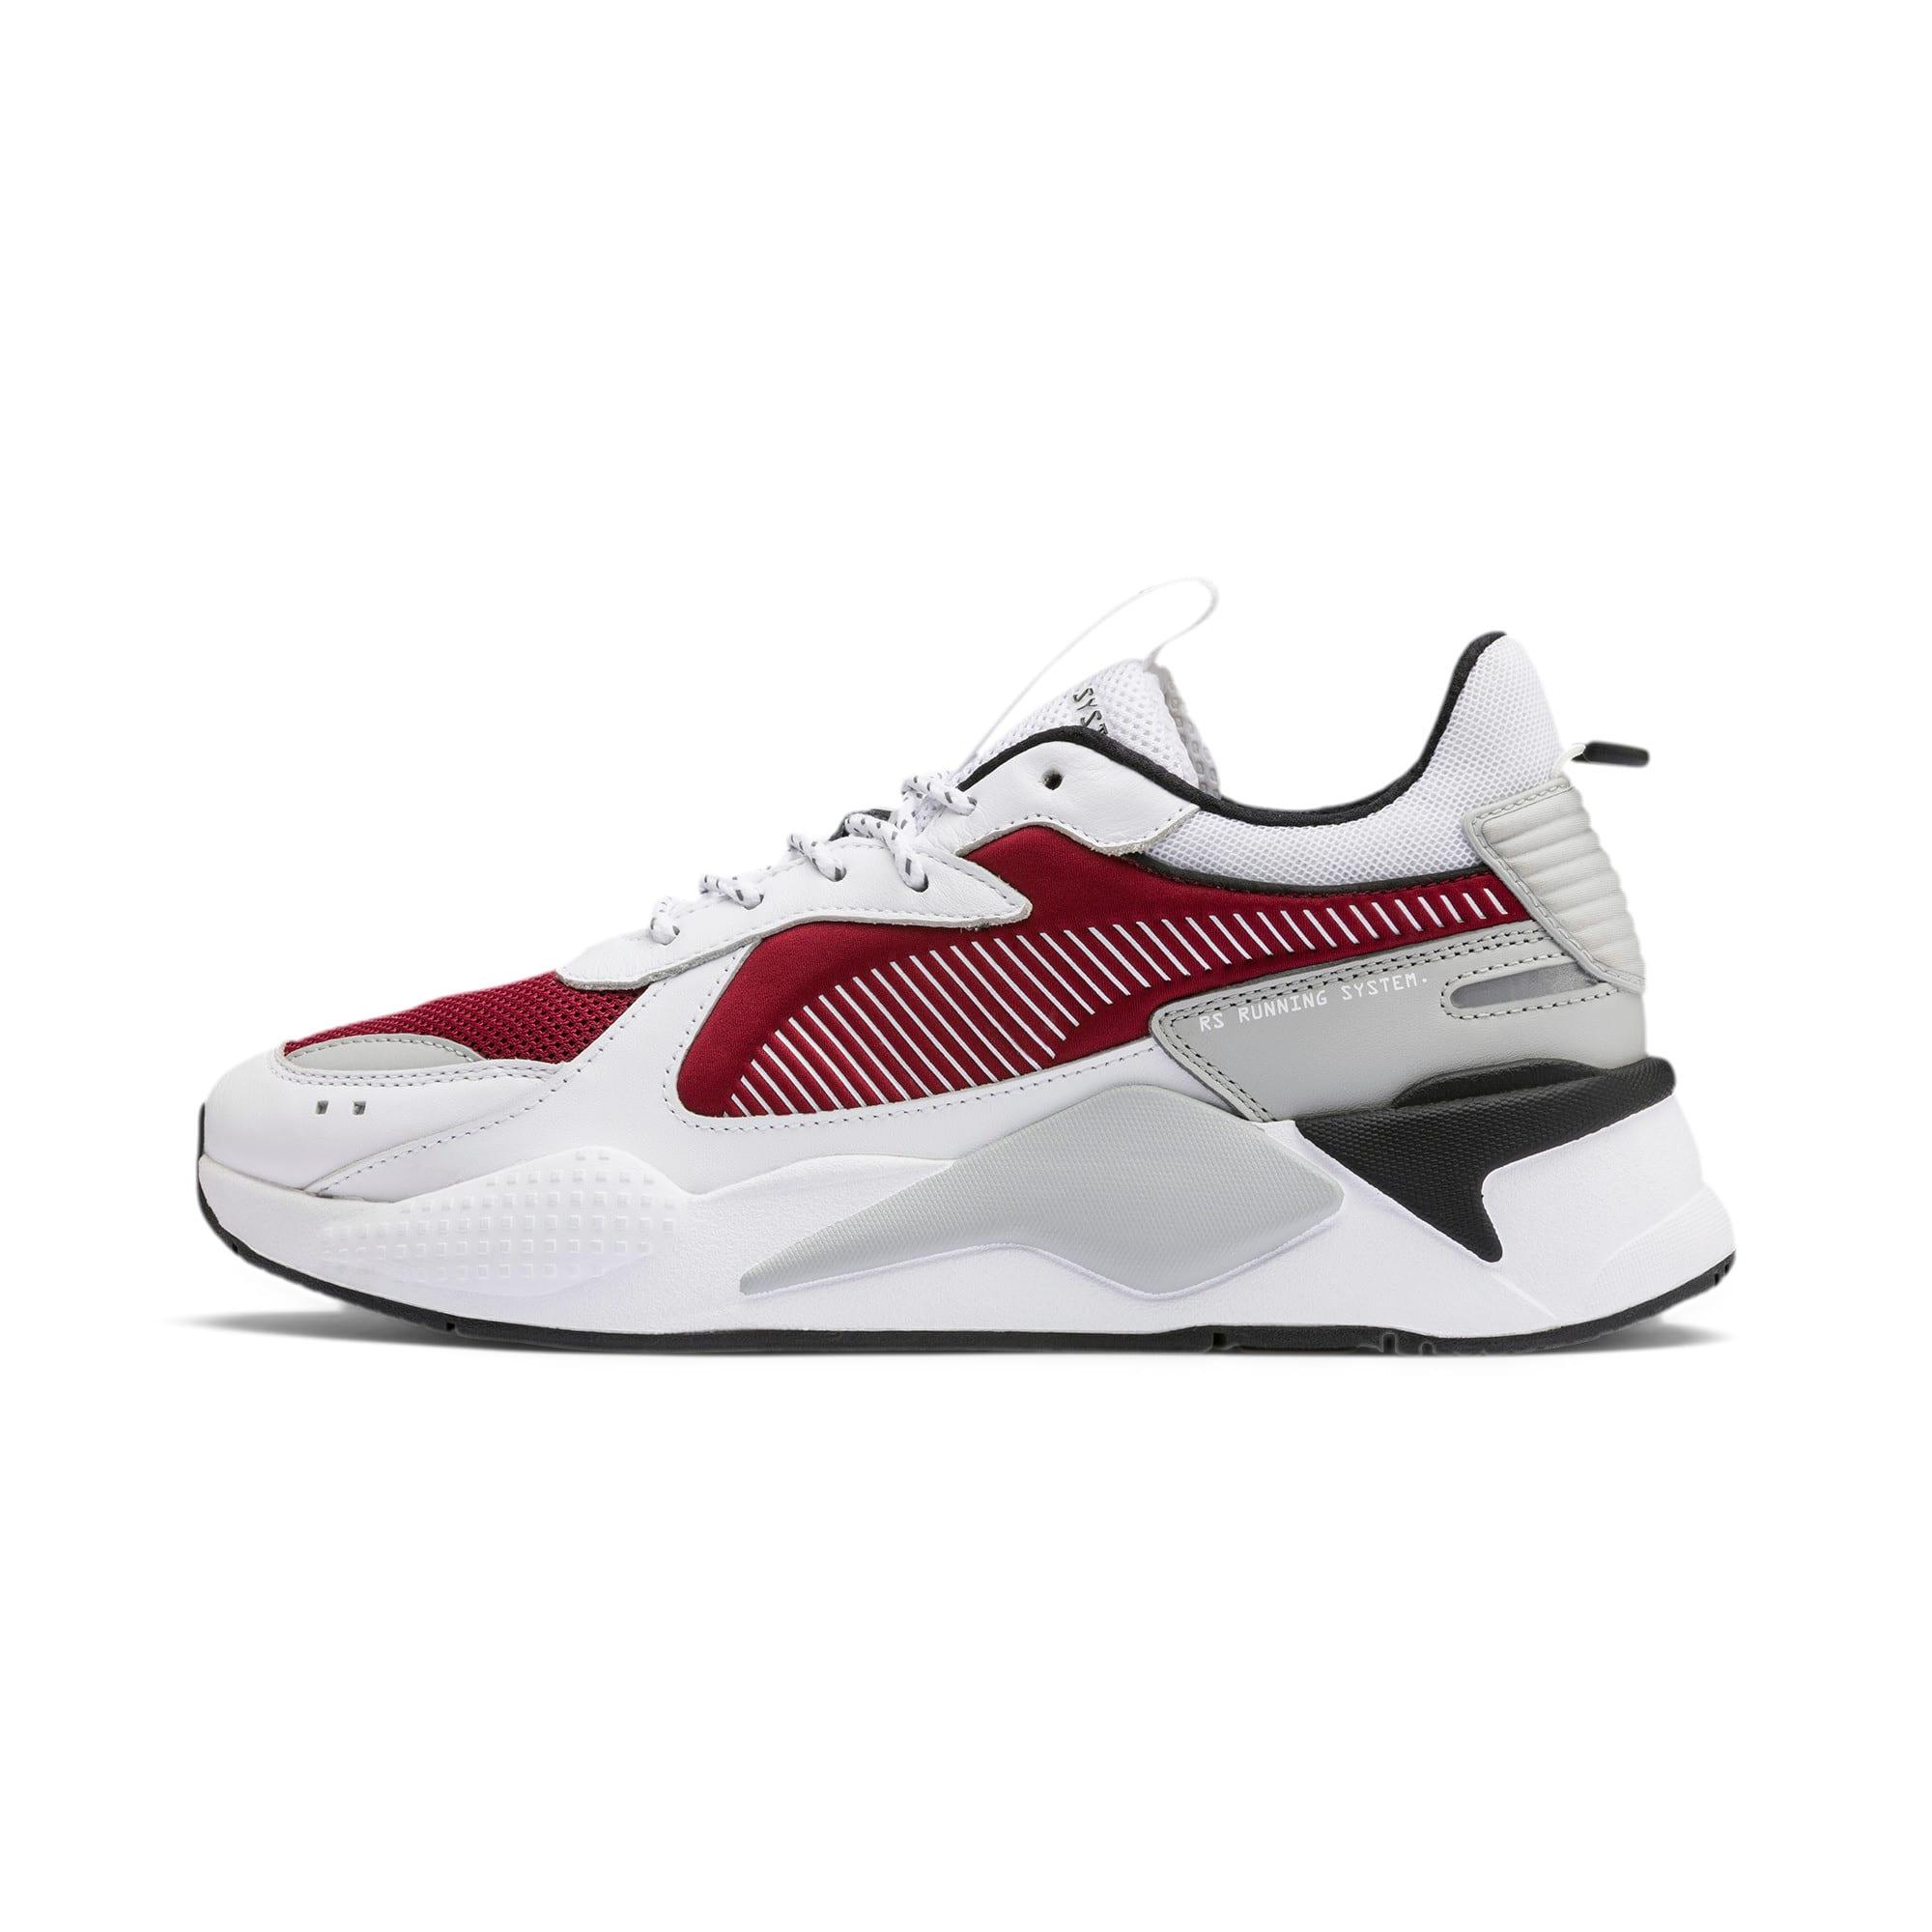 Thumbnail 1 of Basket RS-X, Puma White-Rhubarb, medium